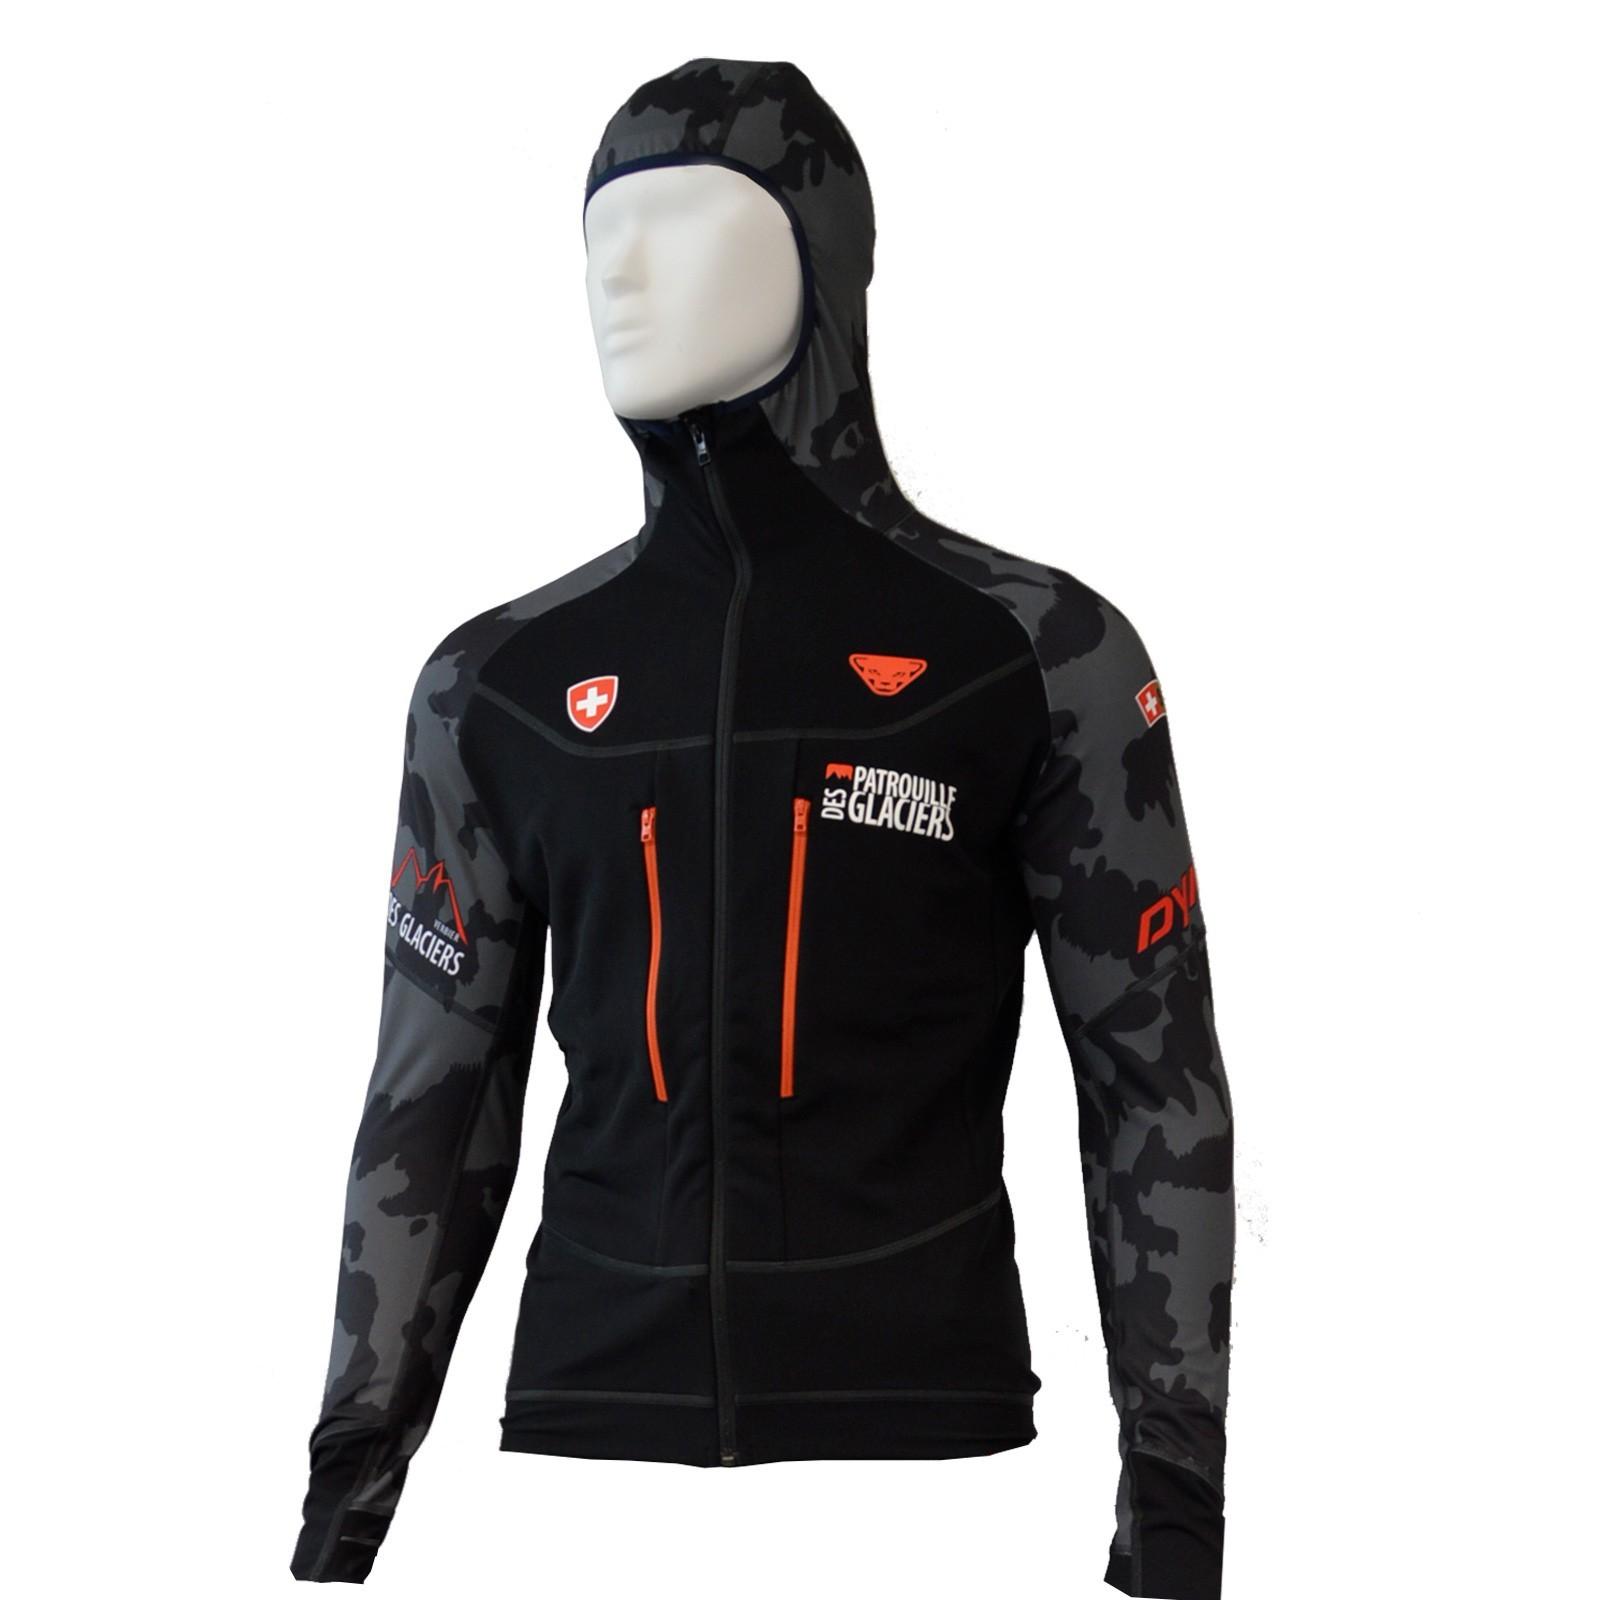 PdG Race Jacket